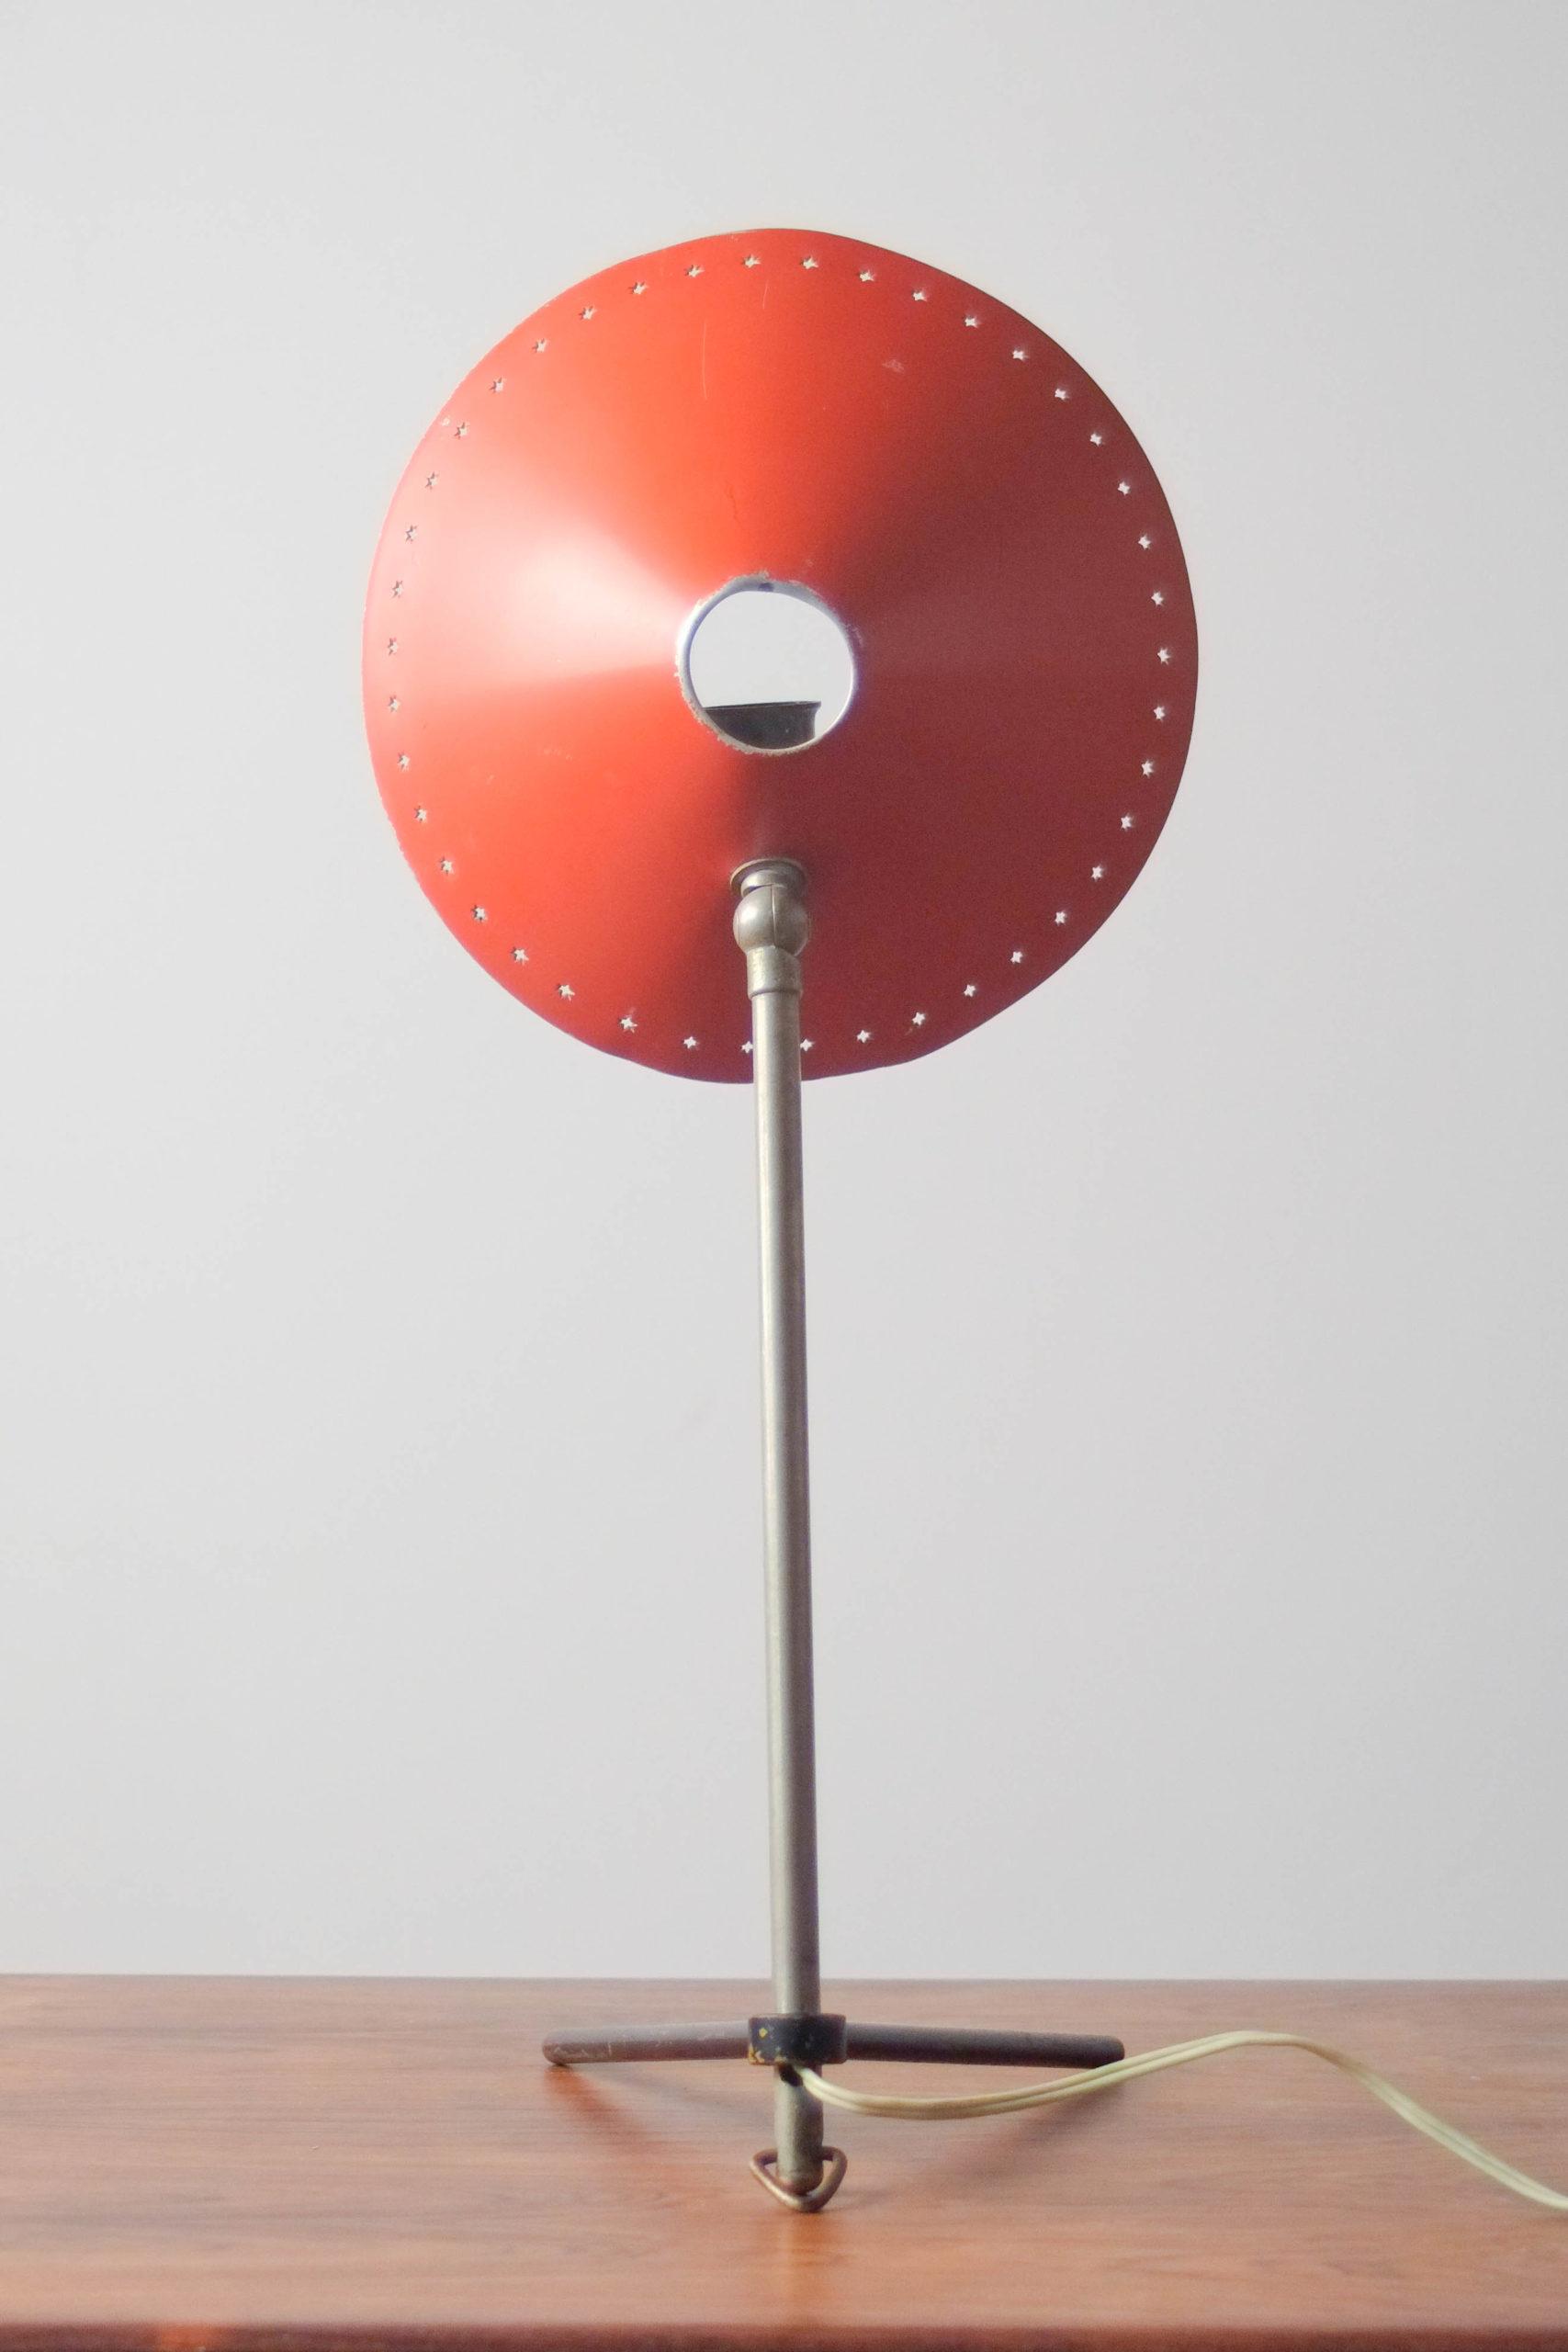 lámpara de mesa años 60 rojo metálica ajustable